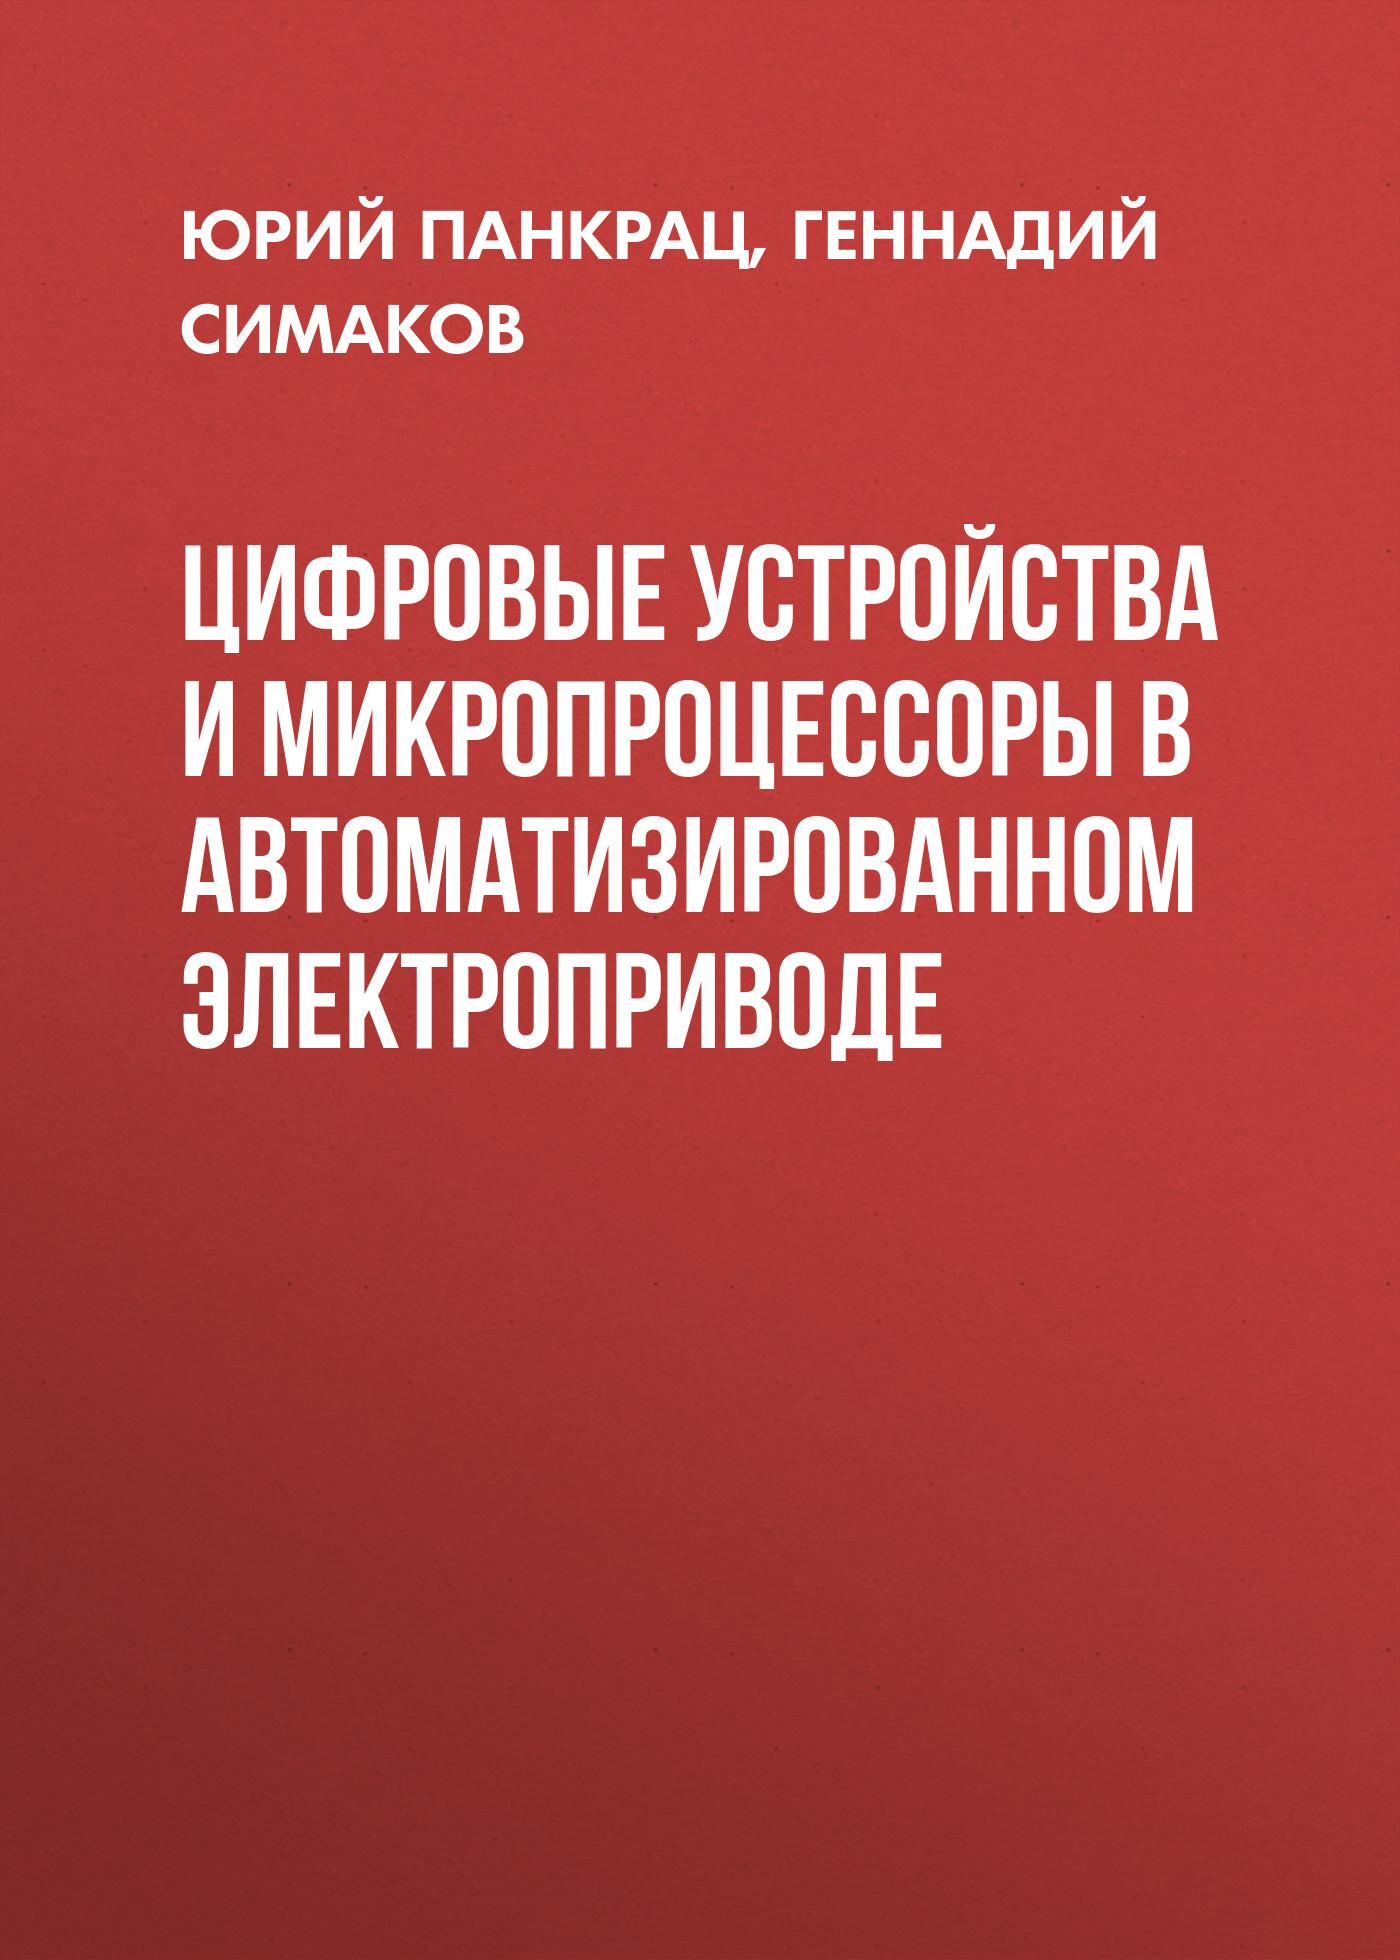 Юрий Панкрац Цифровые устройства и микропроцессоры в автоматизированном электроприводе машинки на электроприводе и на топливе